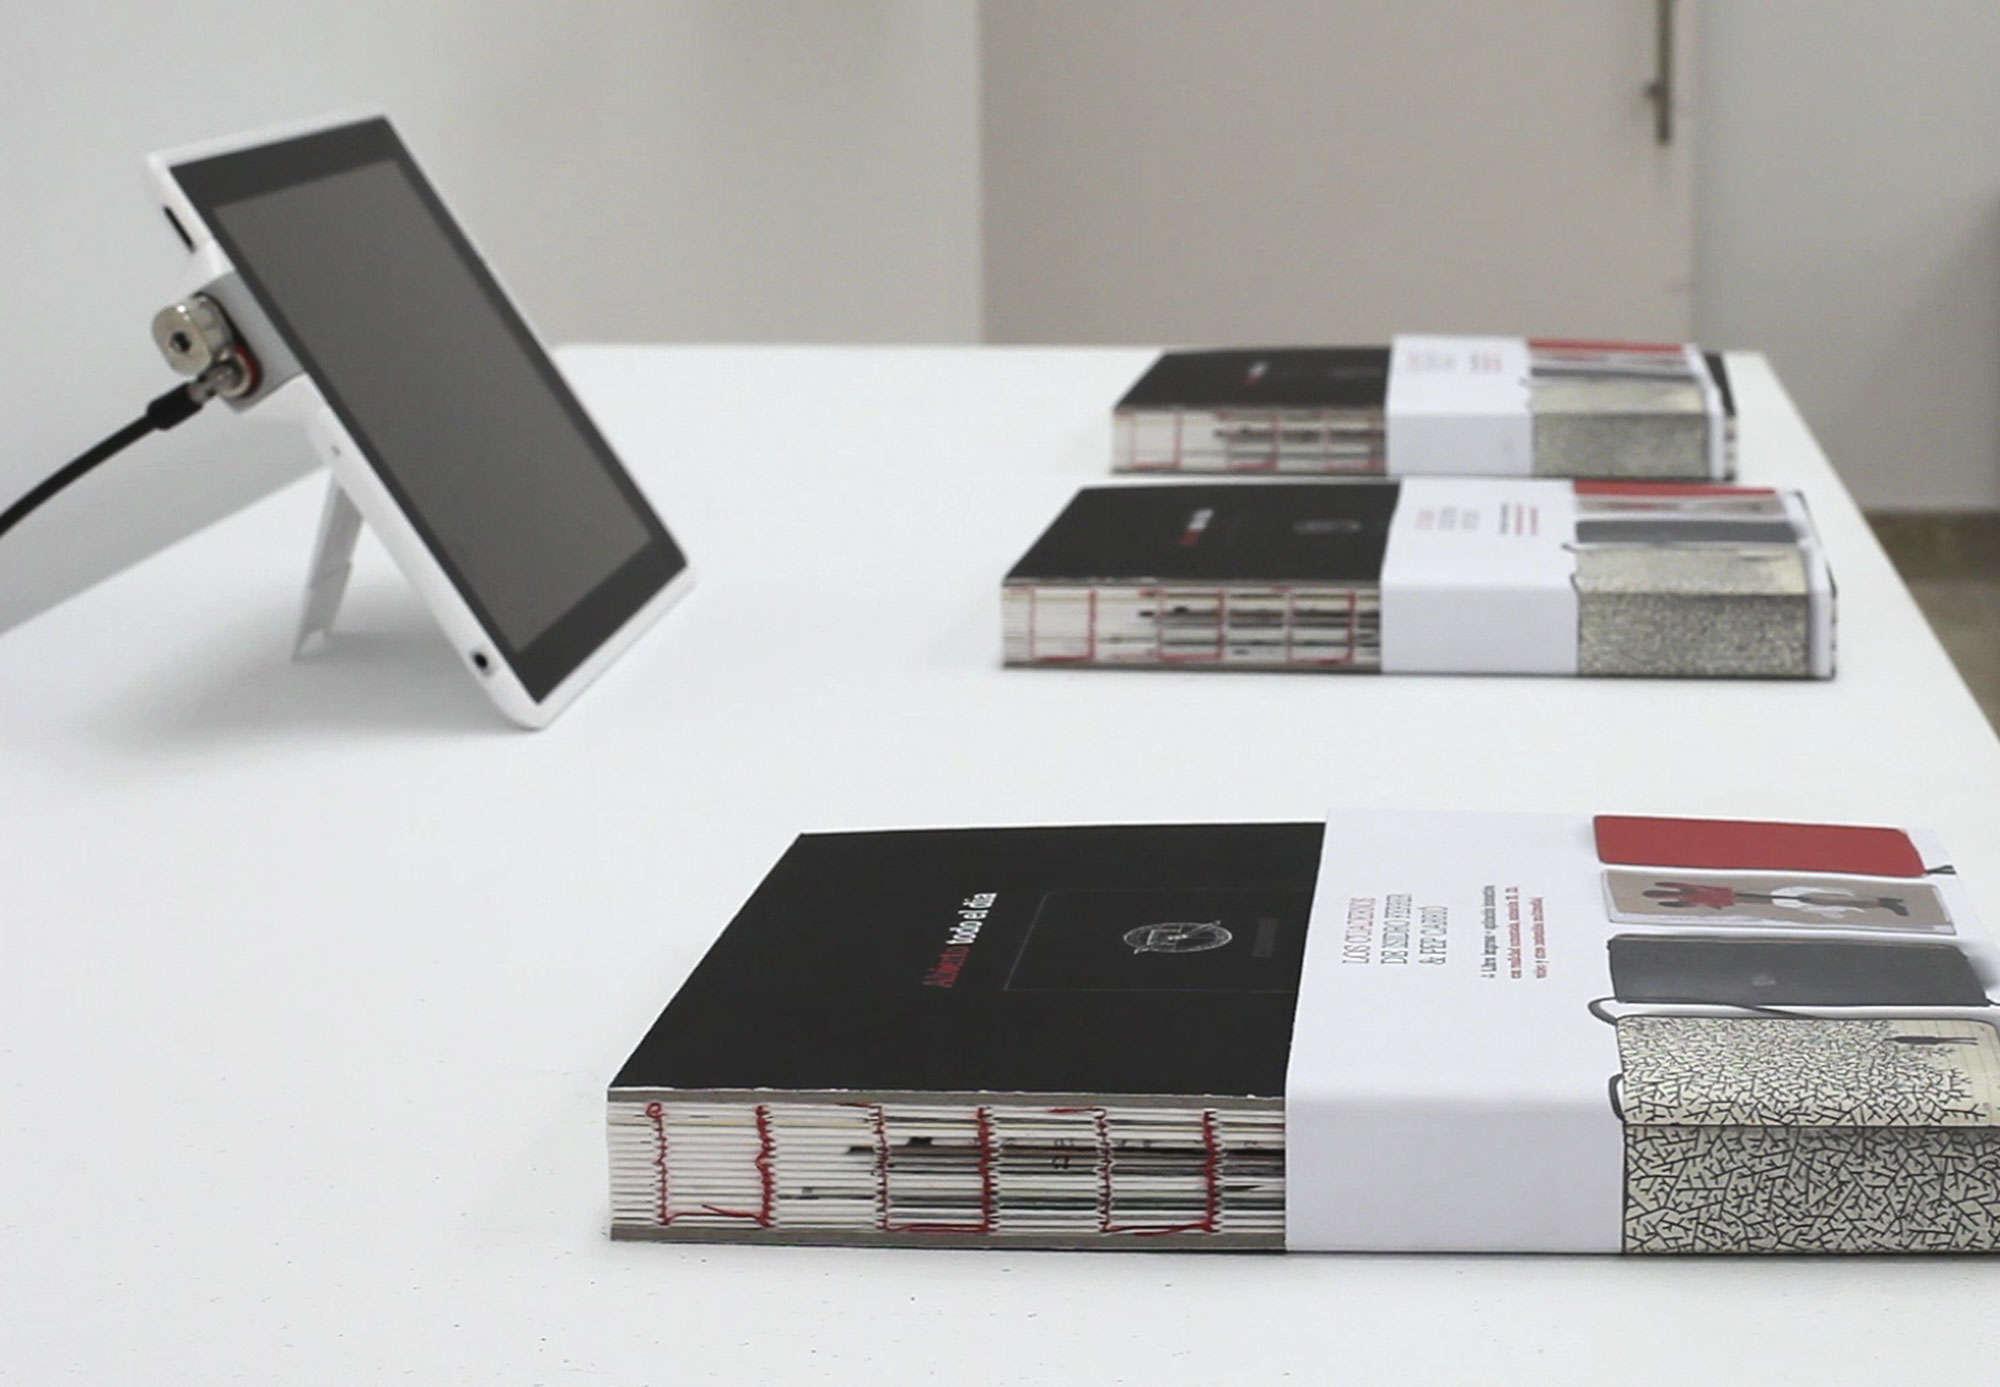 """Imagen del libro """" Abierto todo el día. Los cuadernos de Isidro Ferrer y Pep Carrió""""."""